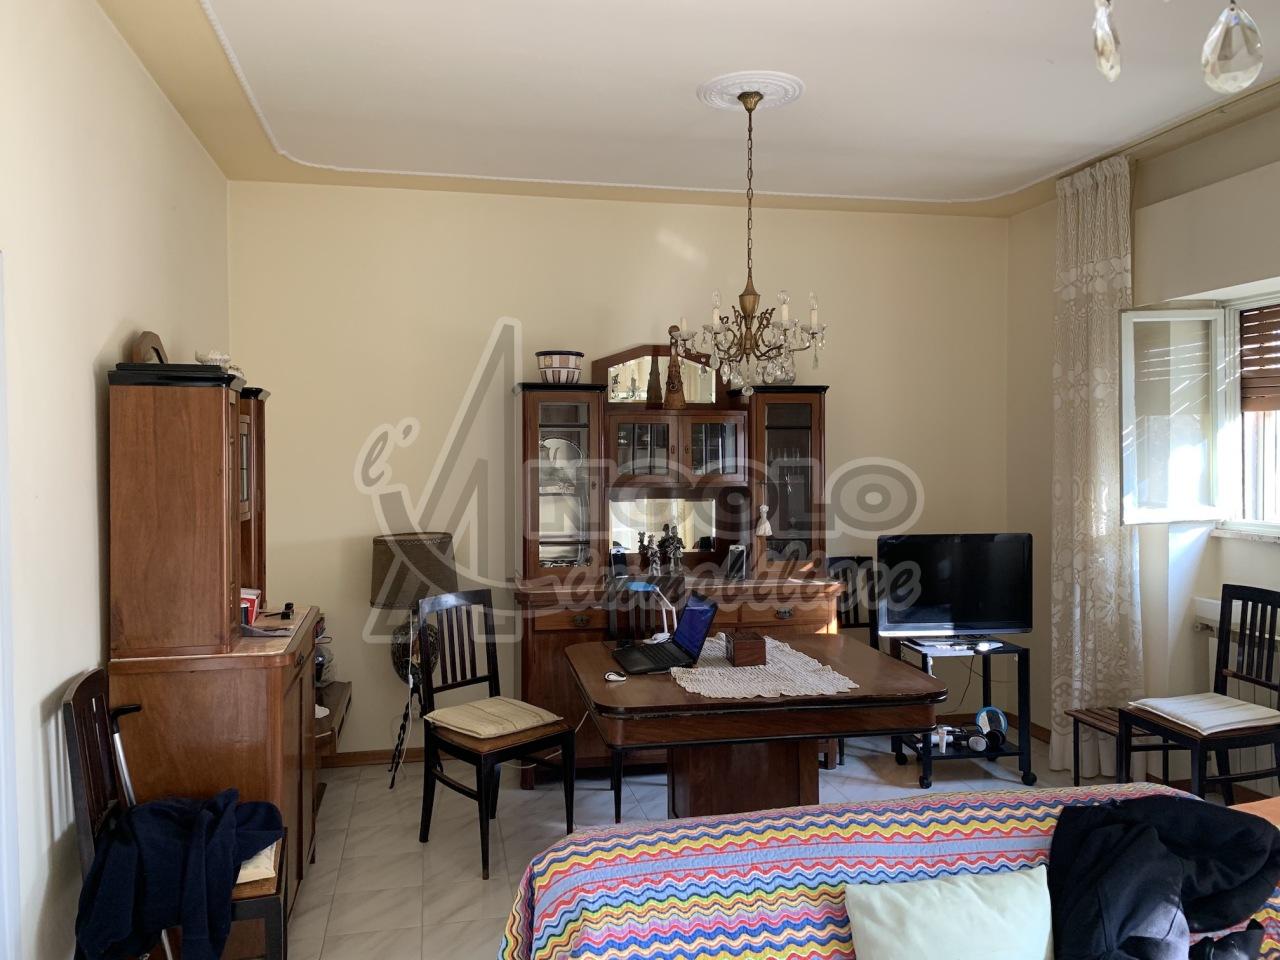 Appartamento in vendita a Rovigo, 6 locali, prezzo € 59.000 | CambioCasa.it